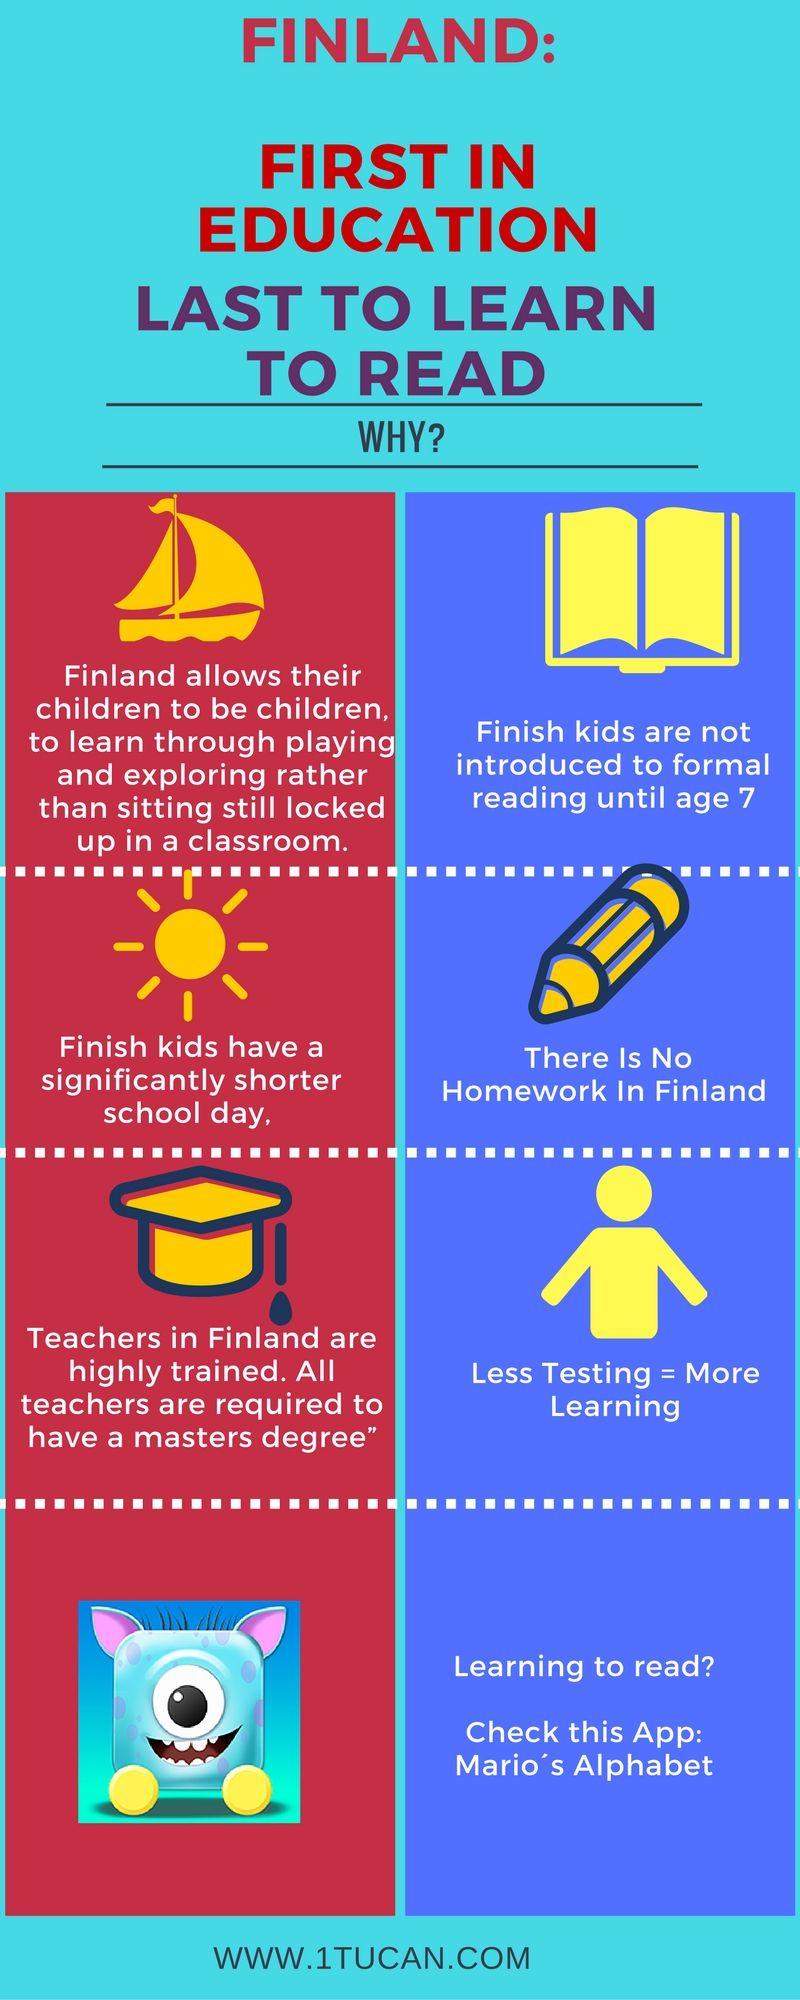 Finland Wordt Vaak Aangehaald Als Goed Onderwijssysteem Het Biedt Onderwijs Van Topniveau En Zorgt Er Finland Education Education System Education Revolution